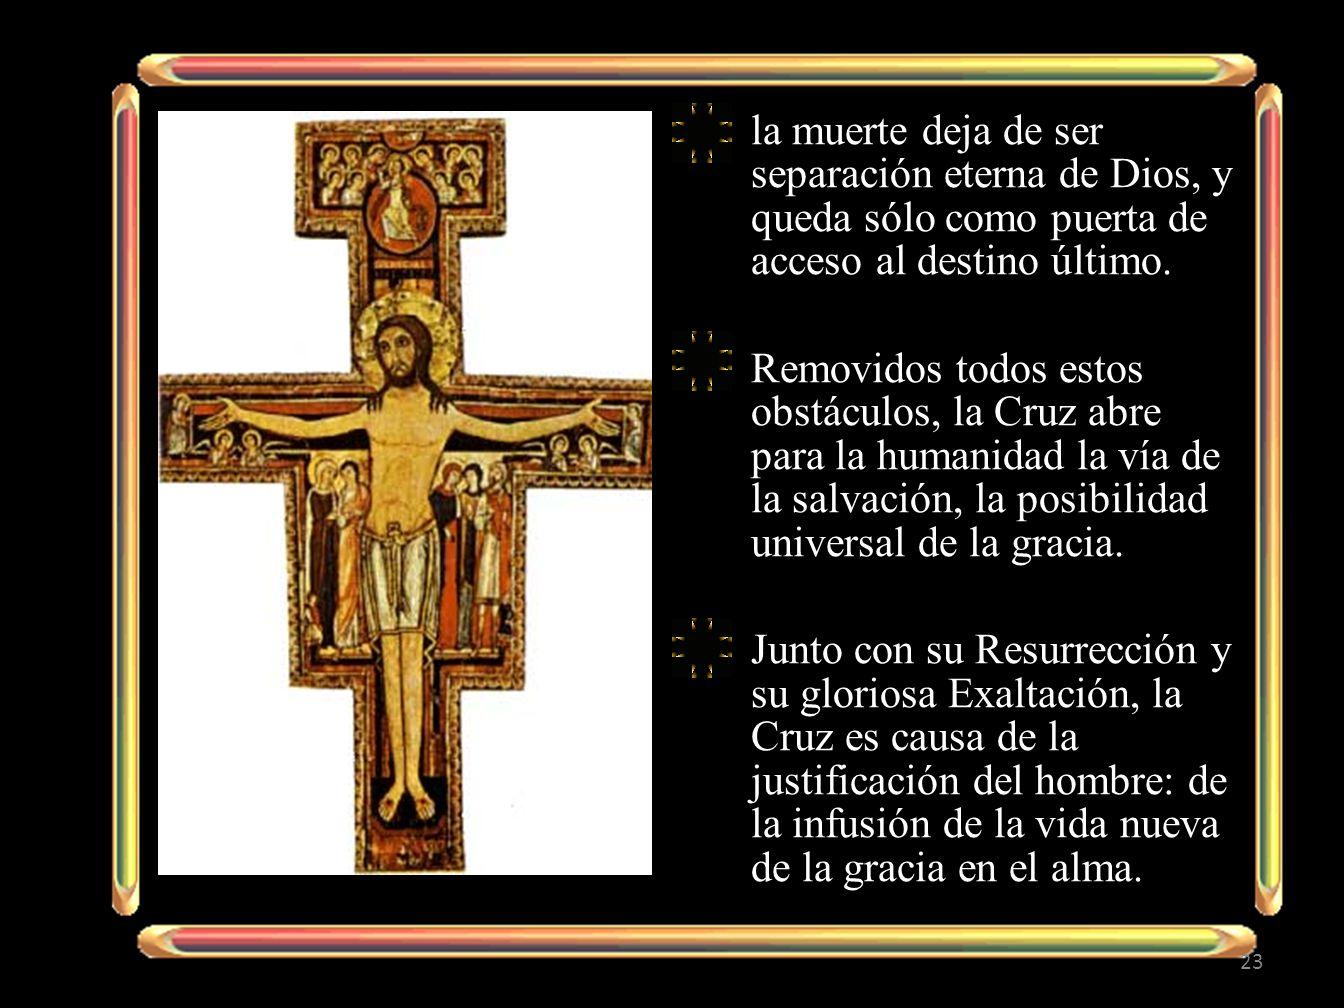 la muerte deja de ser separación eterna de Dios, y queda sólo como puerta de acceso al destino último.